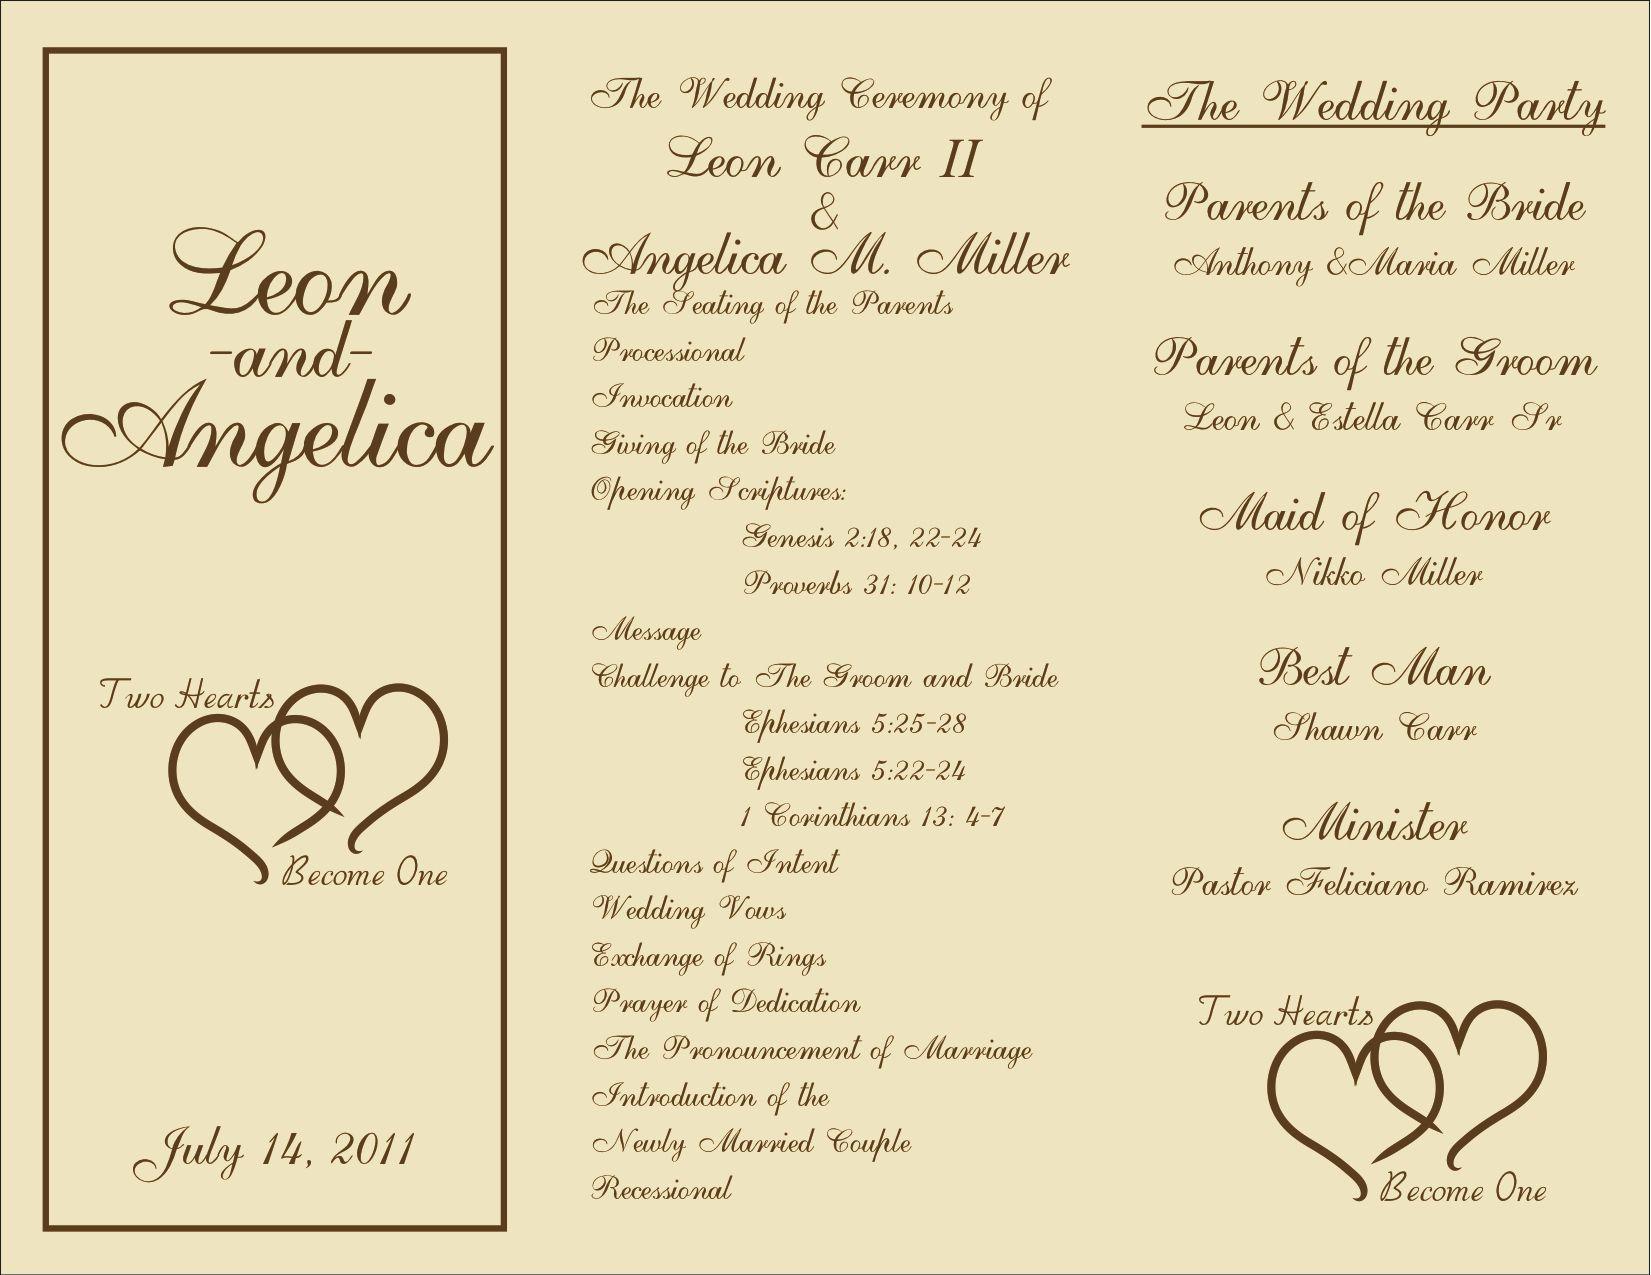 003 Wedding Program Free Template ~ Ulyssesroom - Free Printable Wedding Program Templates Word